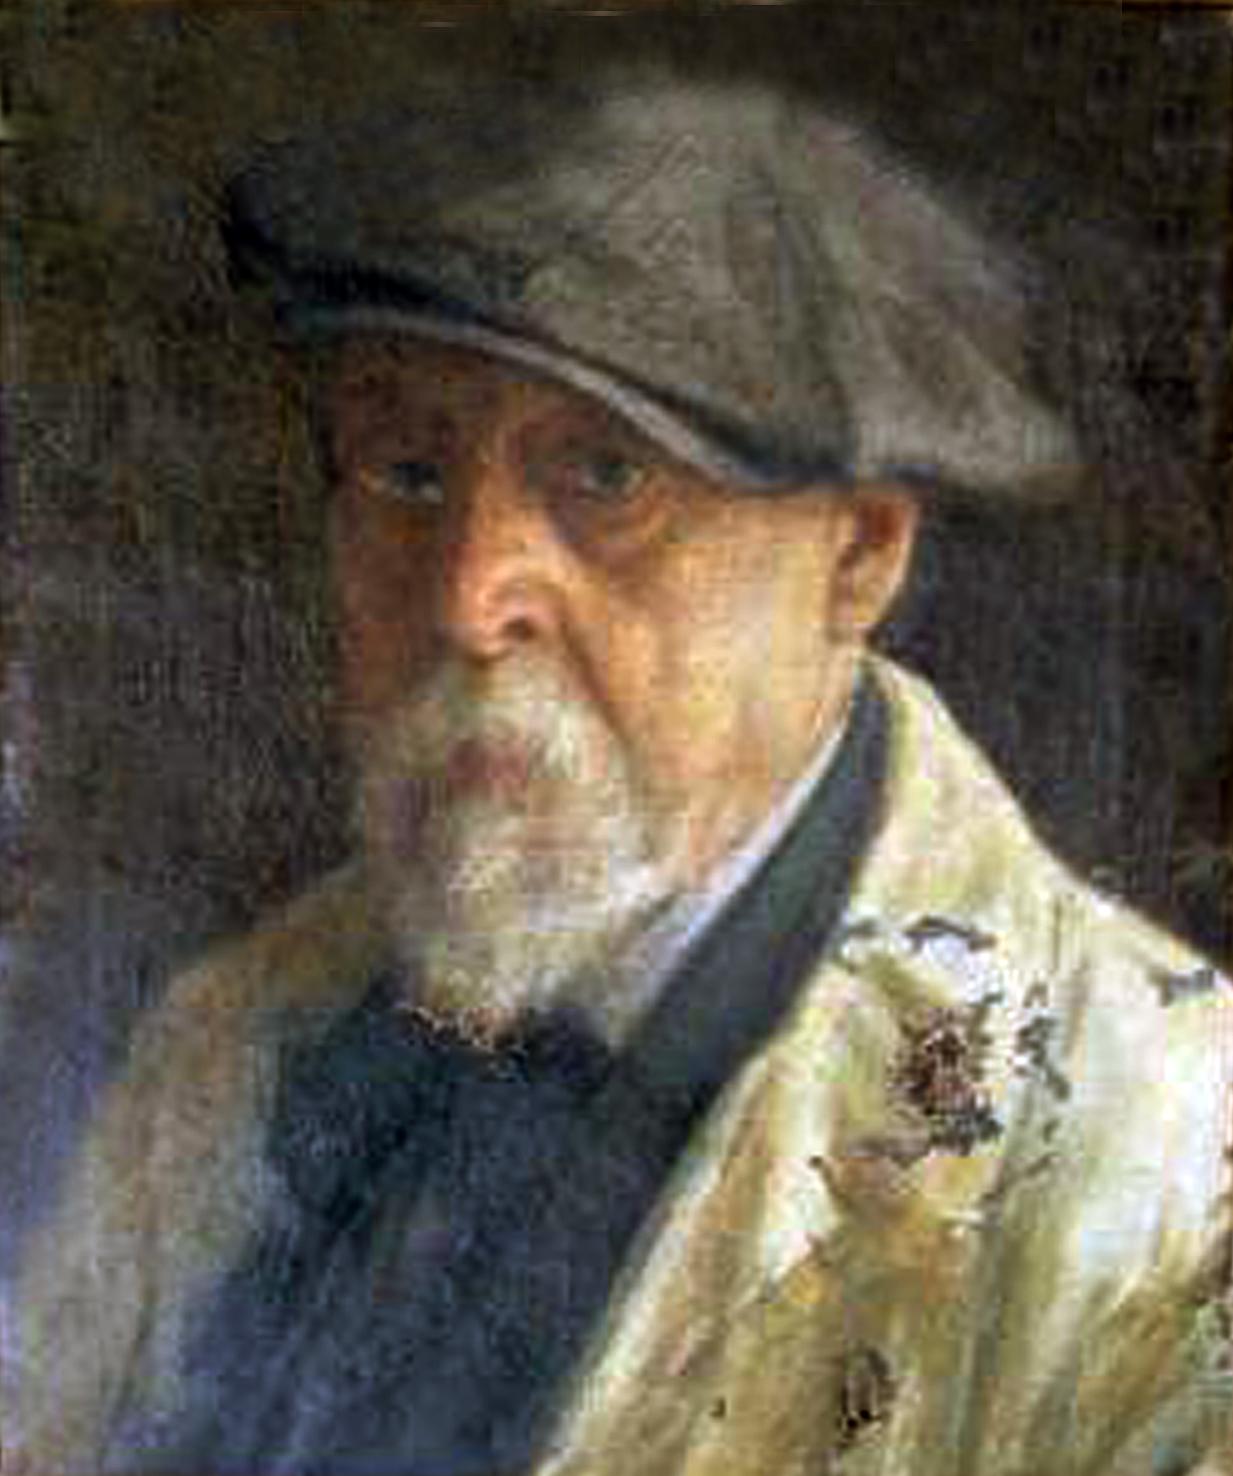 Antoni Coll i Pi, Galería de autorretratos, Pintor español, Pintura española, Pintores Realistas Españoles, Galería de retratos Figurativos, Pintor Antoni Coll